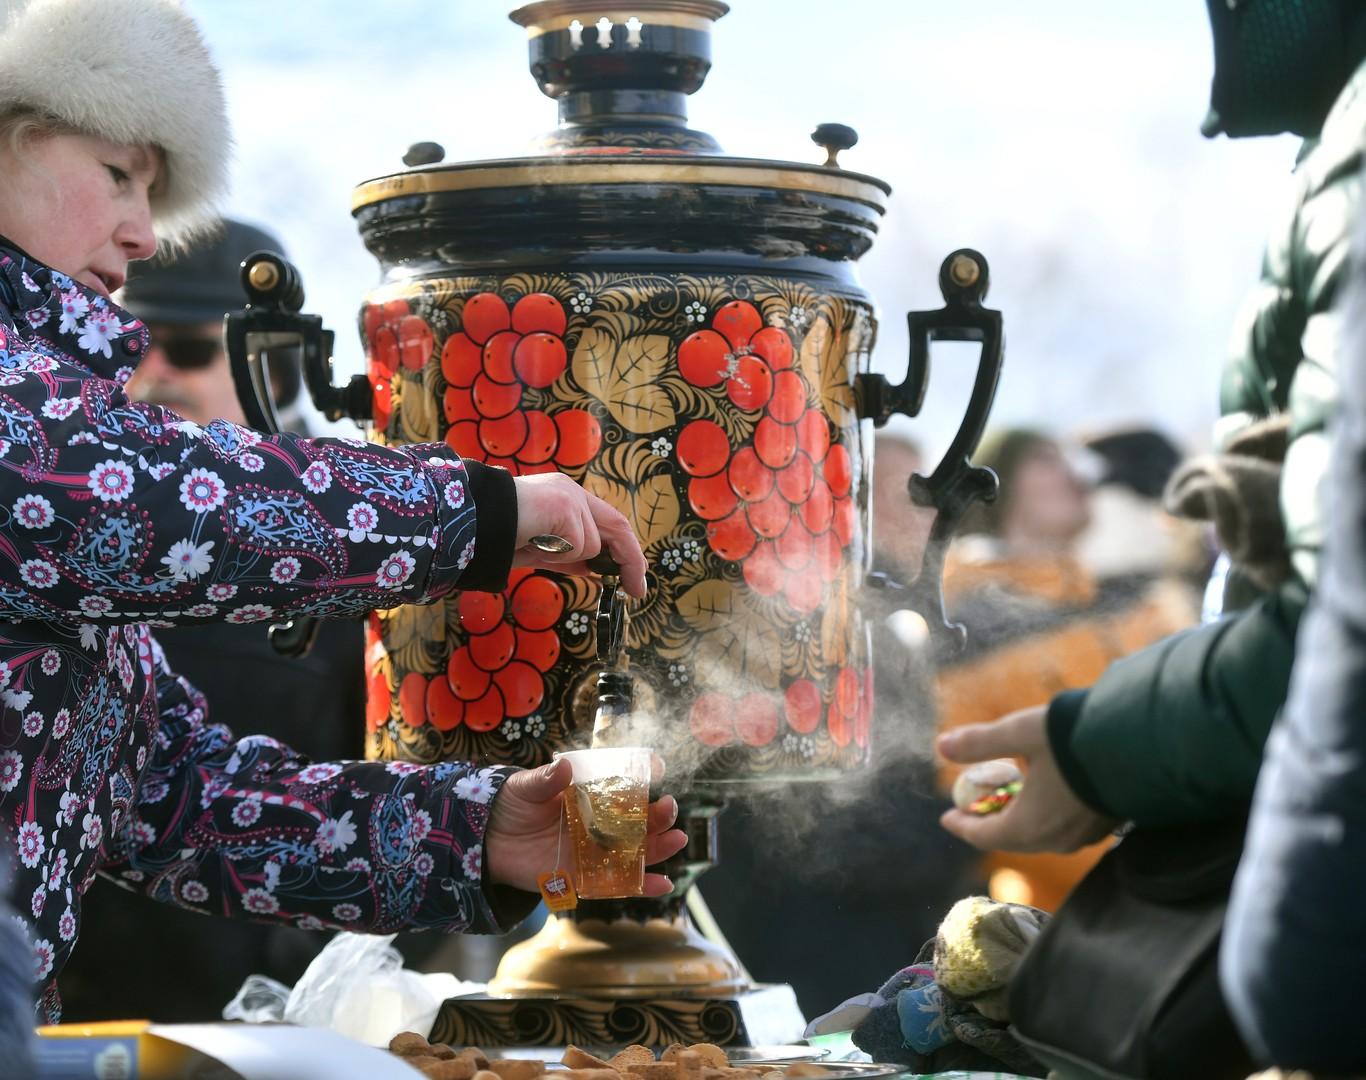 Wenn's zu kalt wird, kommt heißer Tee sehr gelegen. Gebiet Moskau